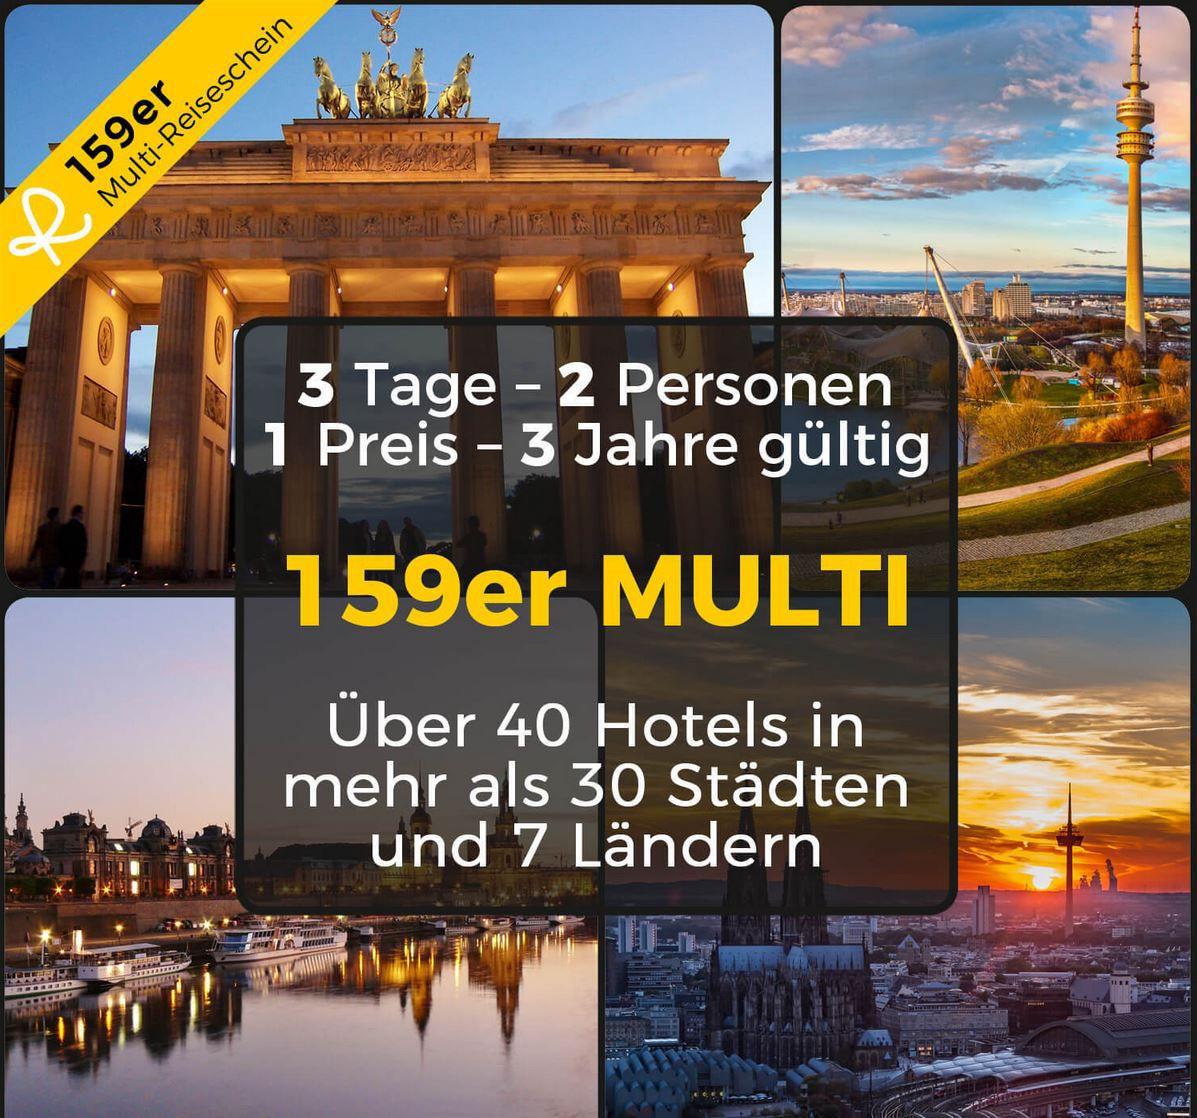 Last Minute Reisegutschein: 2 Personen 2 Übernachtungen in 40 Hotels in Europa für 159€